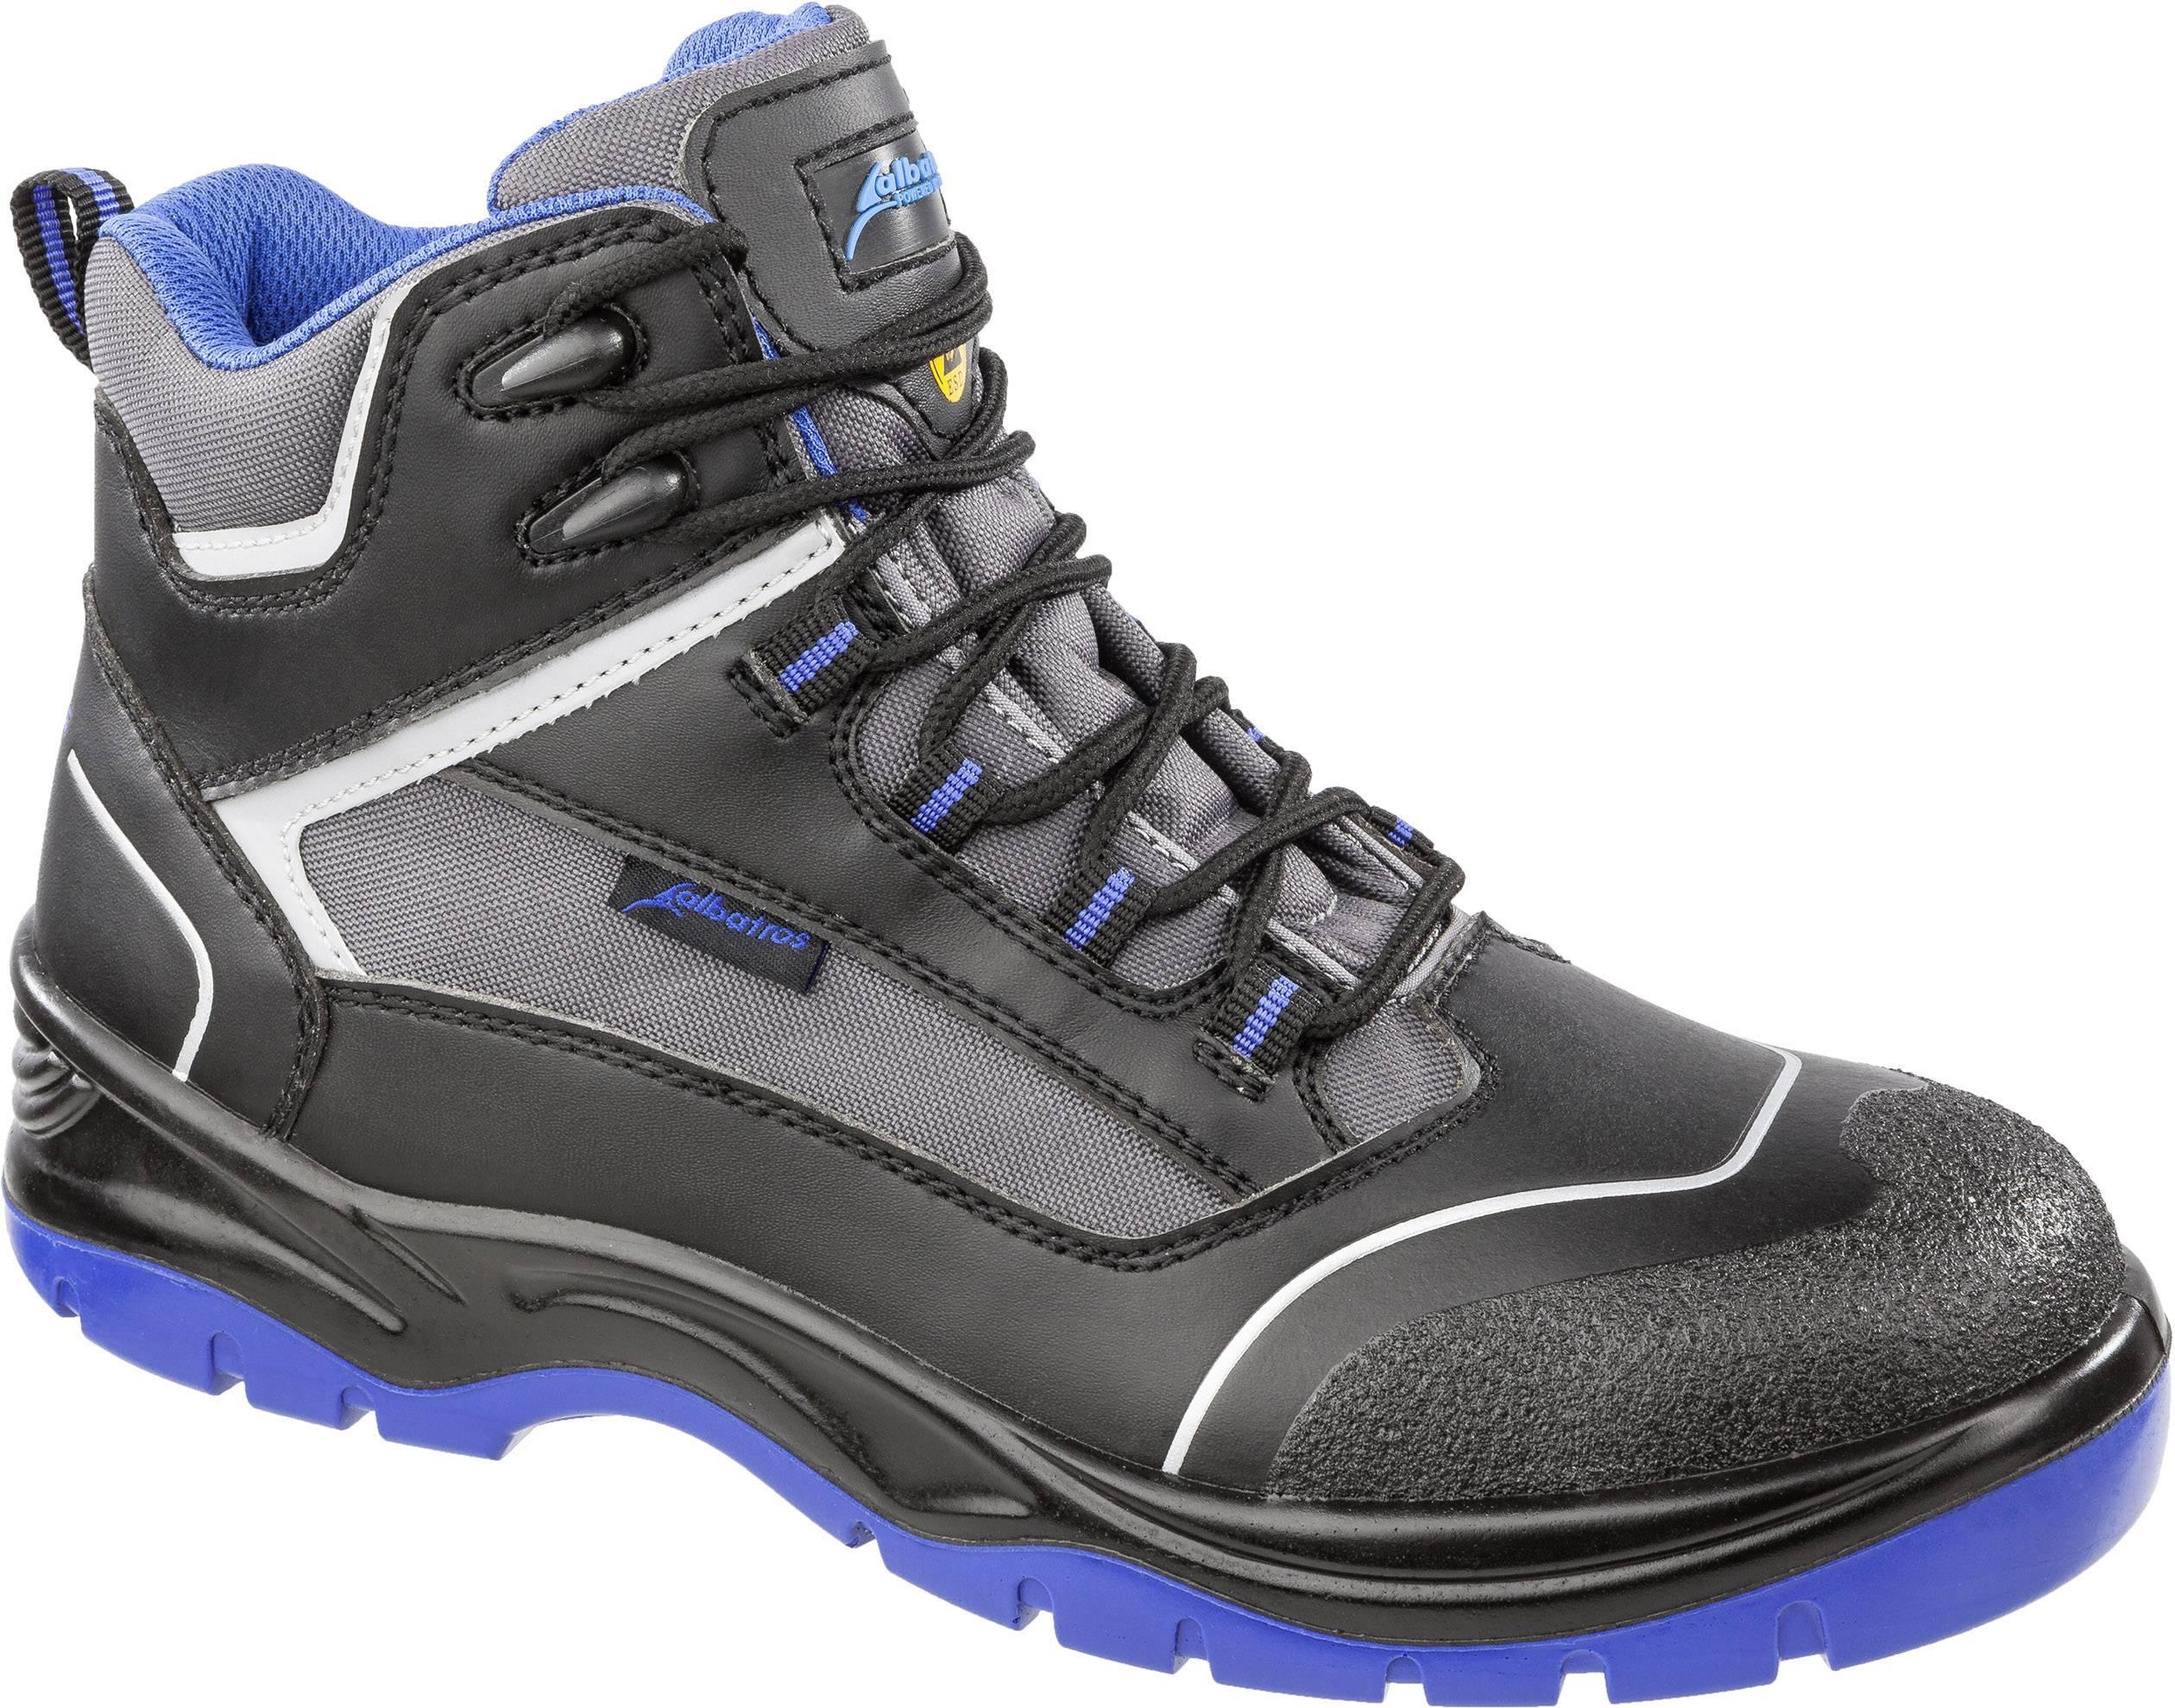 Bezpečnostná obuv ESD (antistatická) S3 Albatros BLUETECH MID ESD SRC 631150-42, veľ.: 42, čierna, sivá, modrá, 1 pár